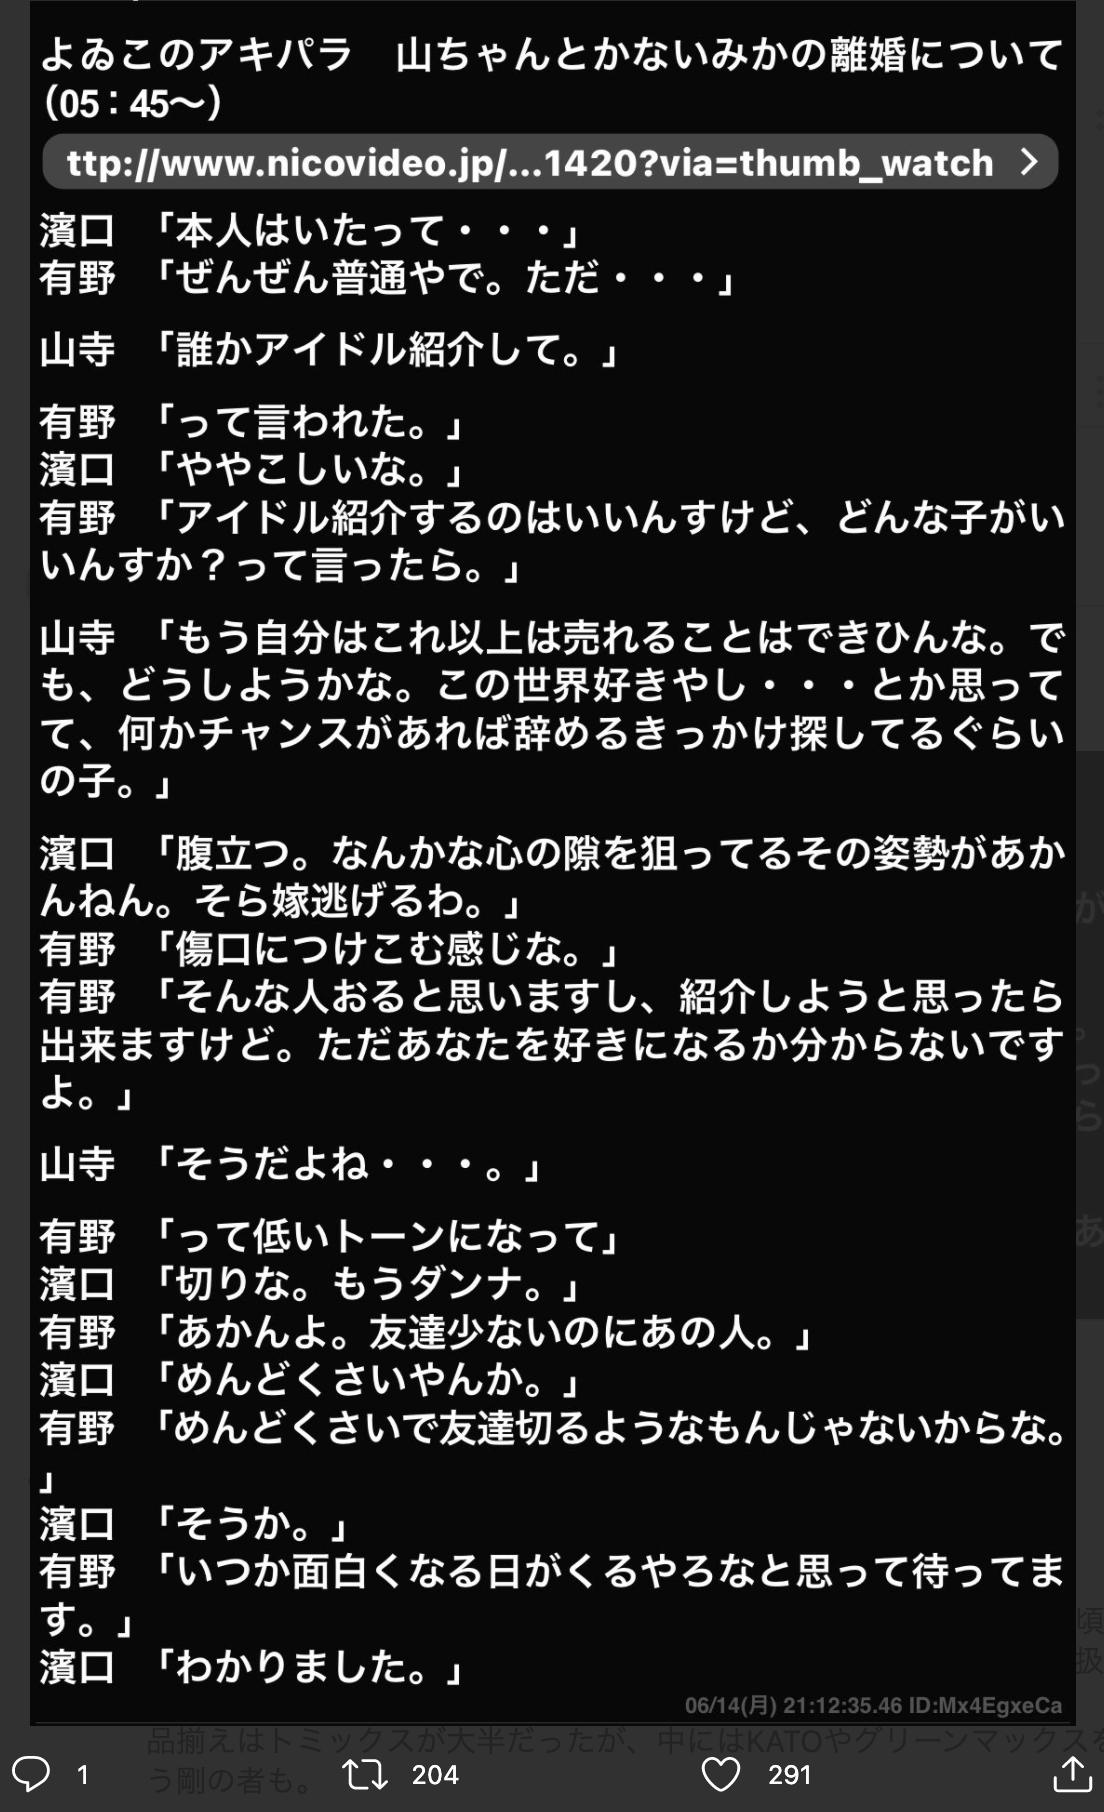 よゐこ濱口と有野が語る山寺宏一離婚問題のスクショ